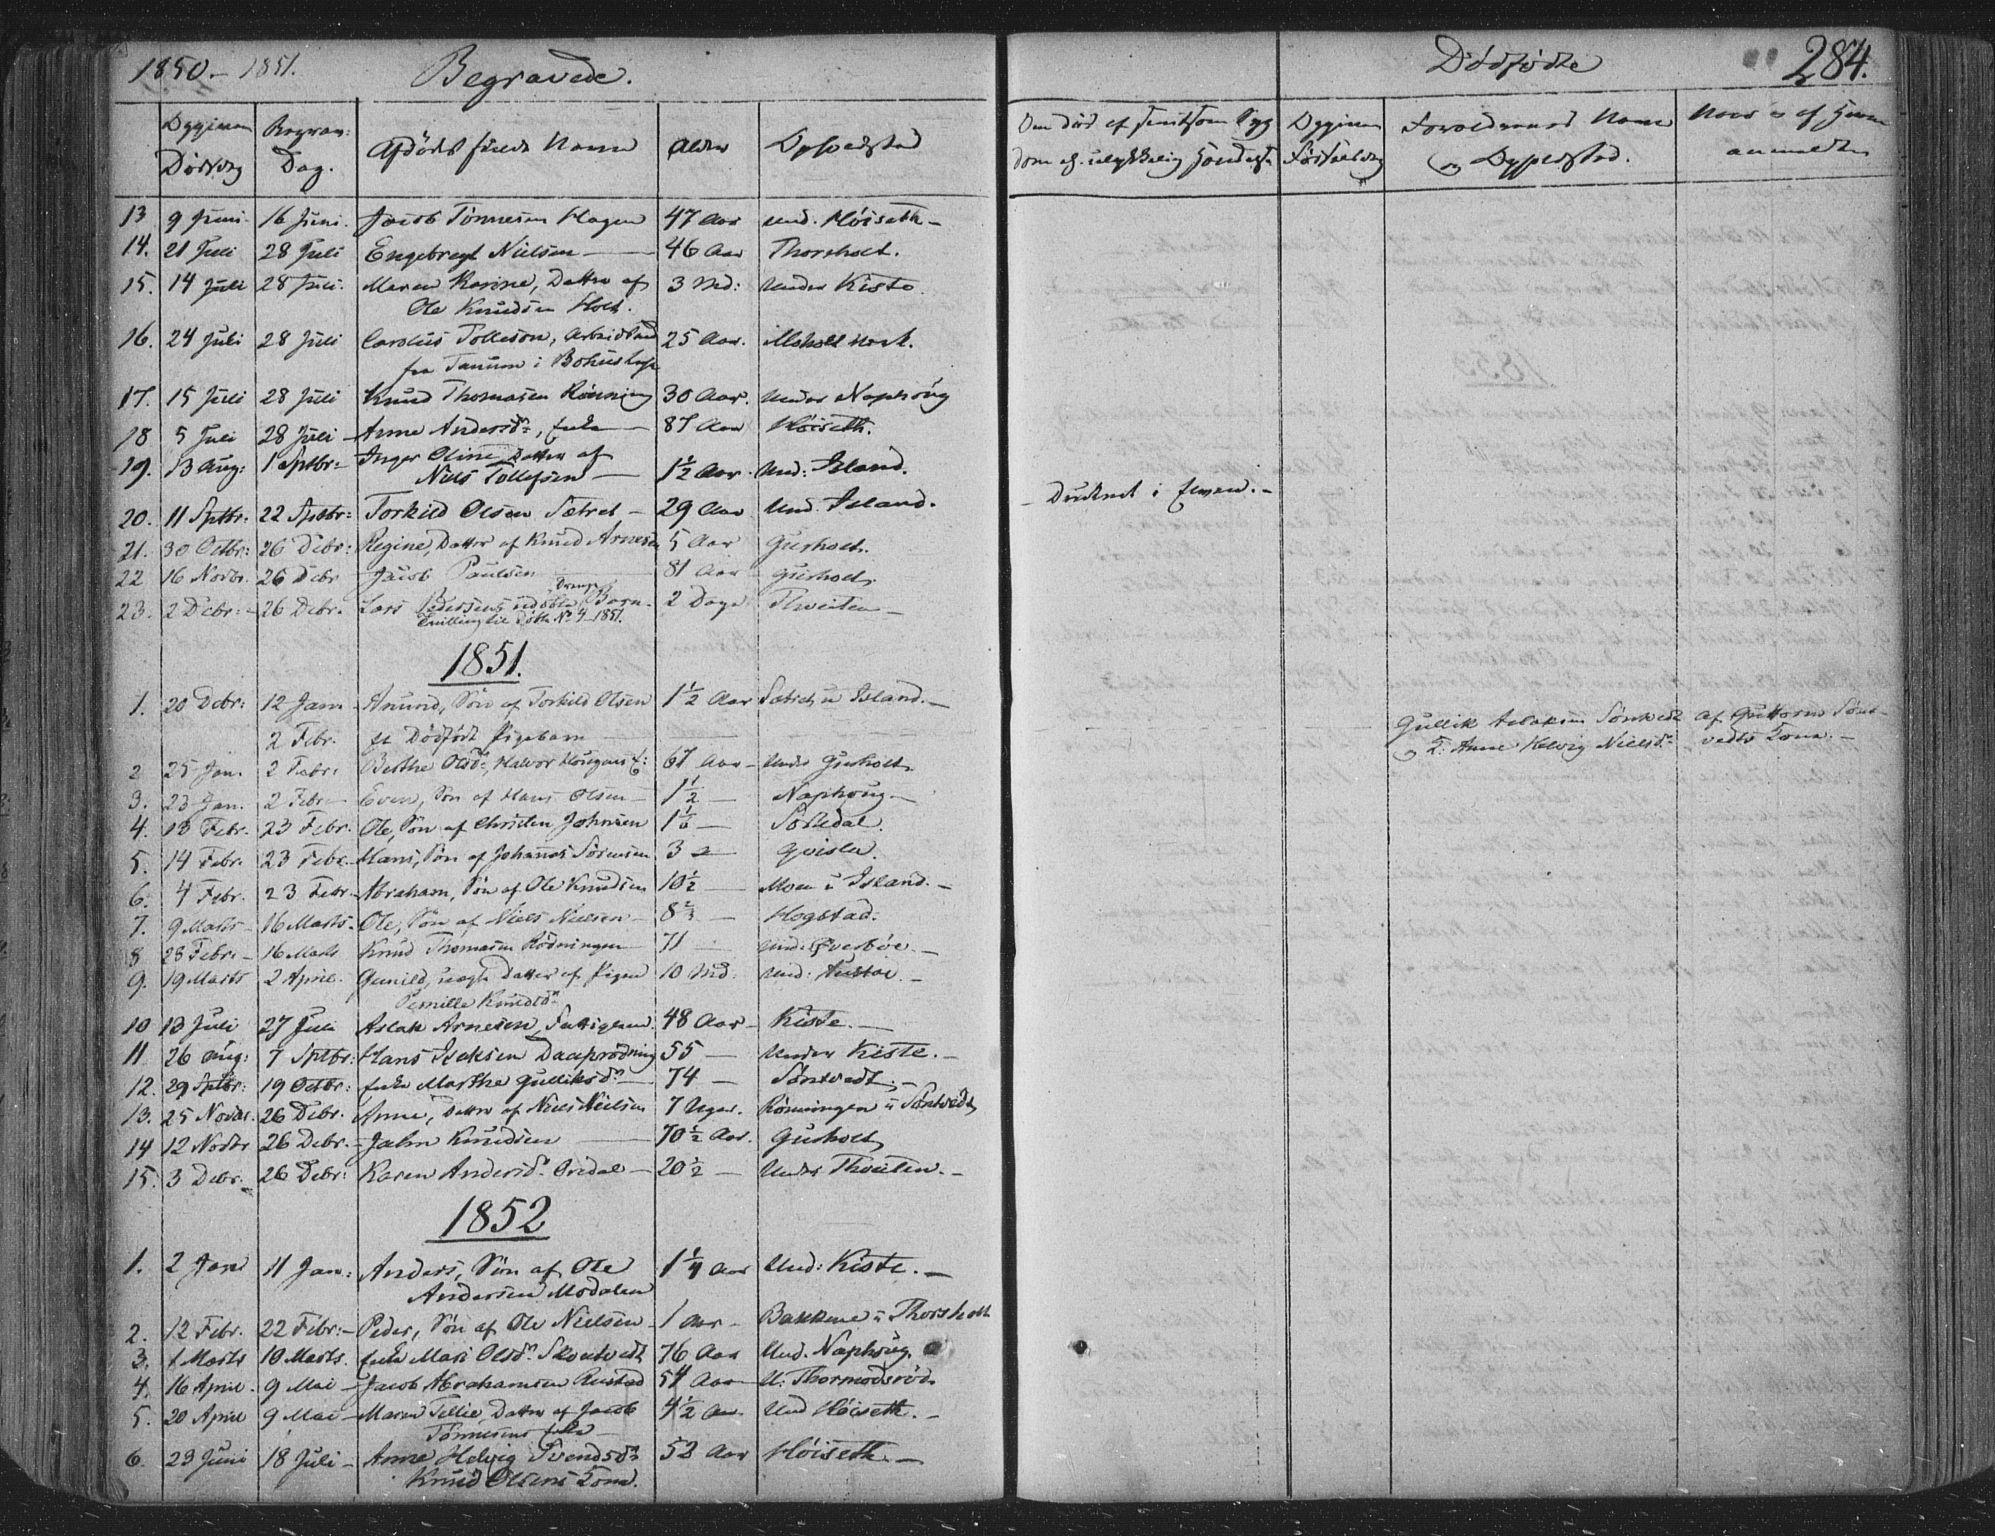 SAKO, Siljan kirkebøker, F/Fa/L0001: Ministerialbok nr. 1, 1831-1870, s. 284